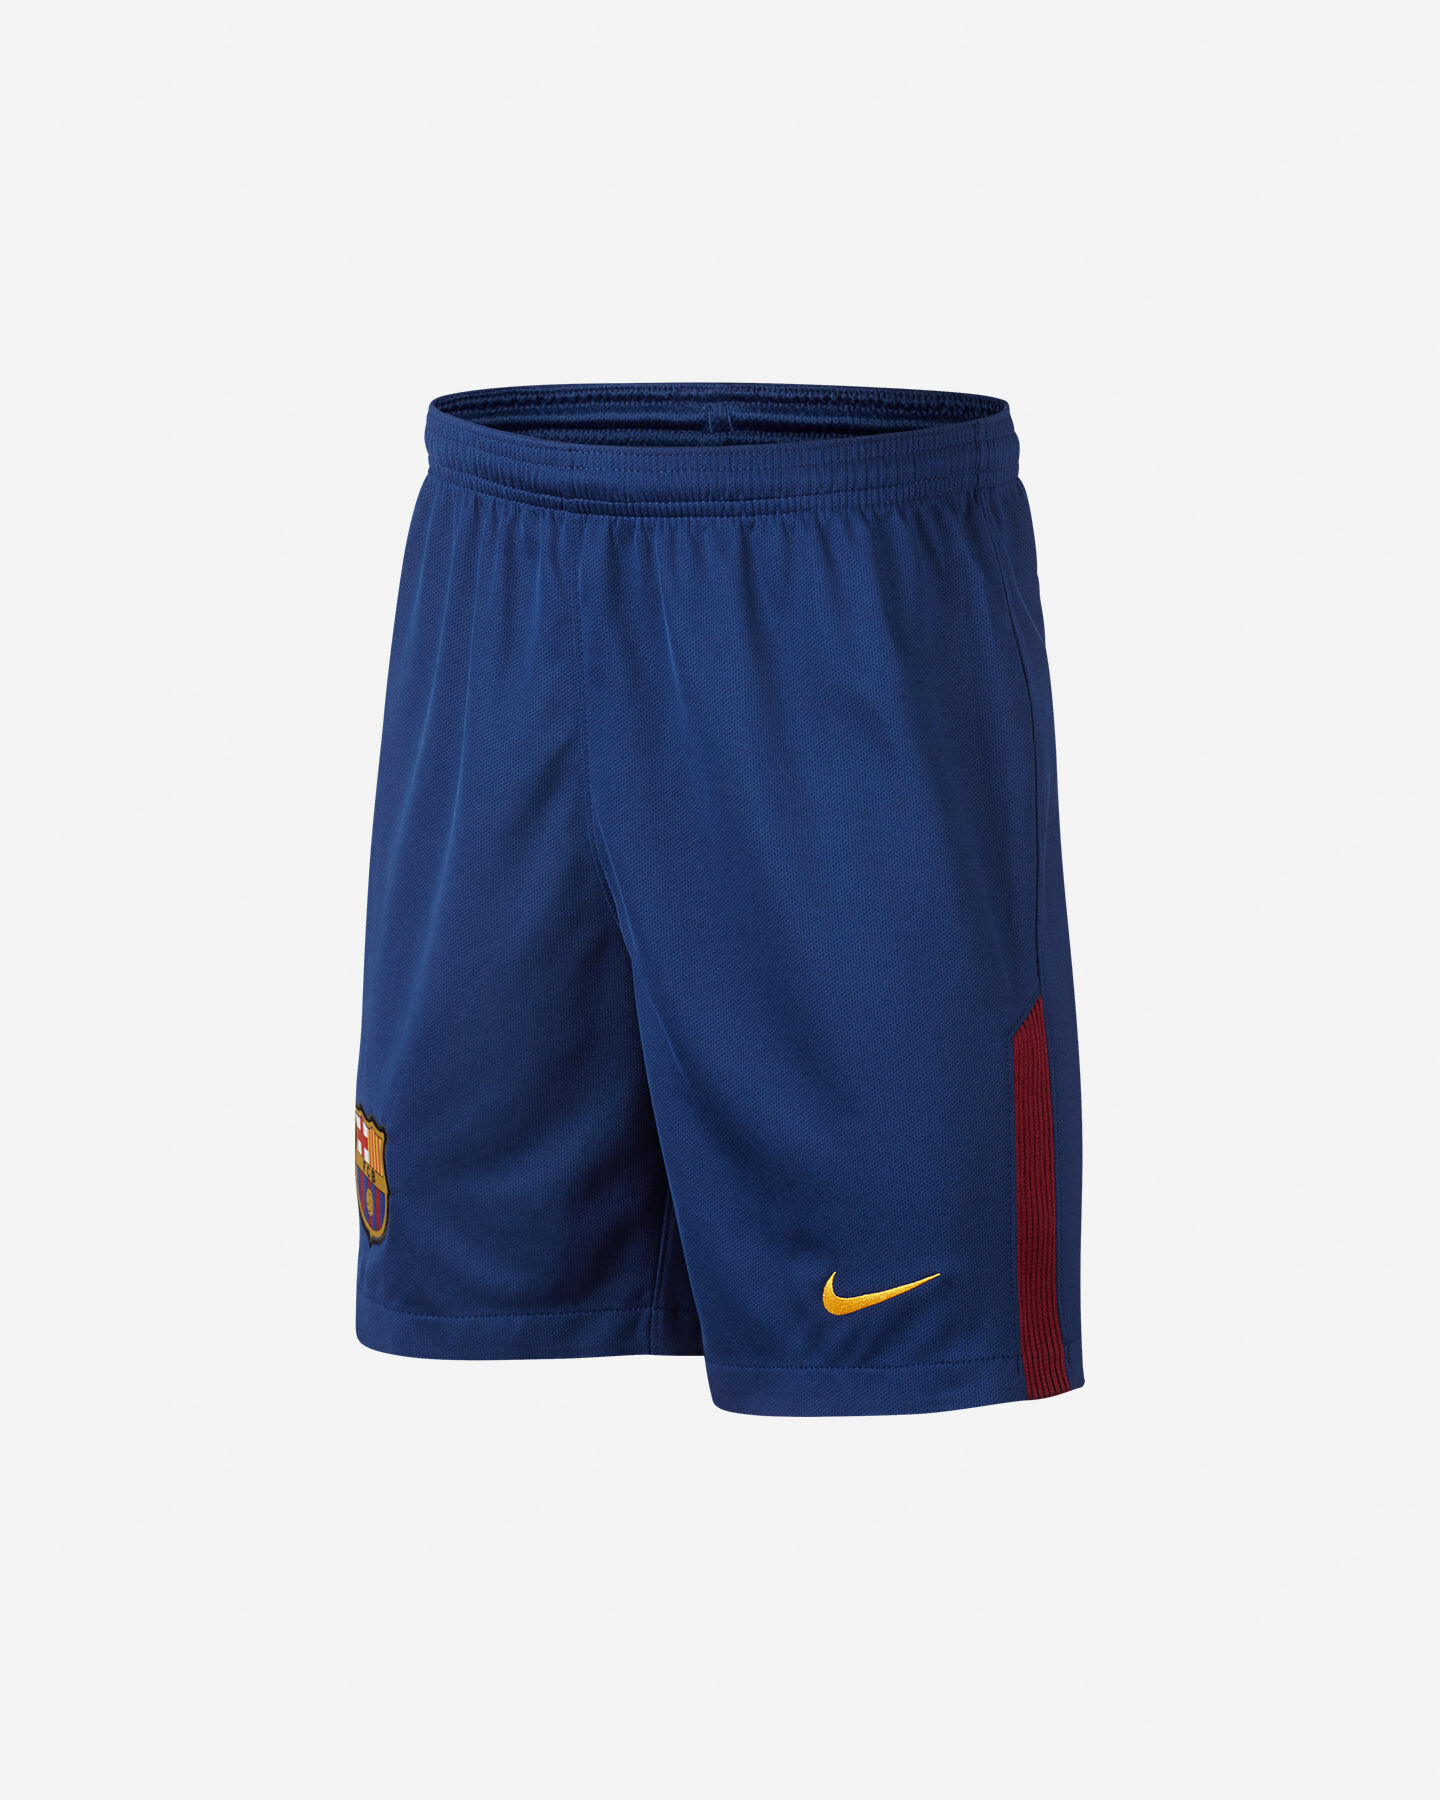 comprare on line d76ee 05af5 Acquista pantaloncini nike calcio - OFF70% sconti